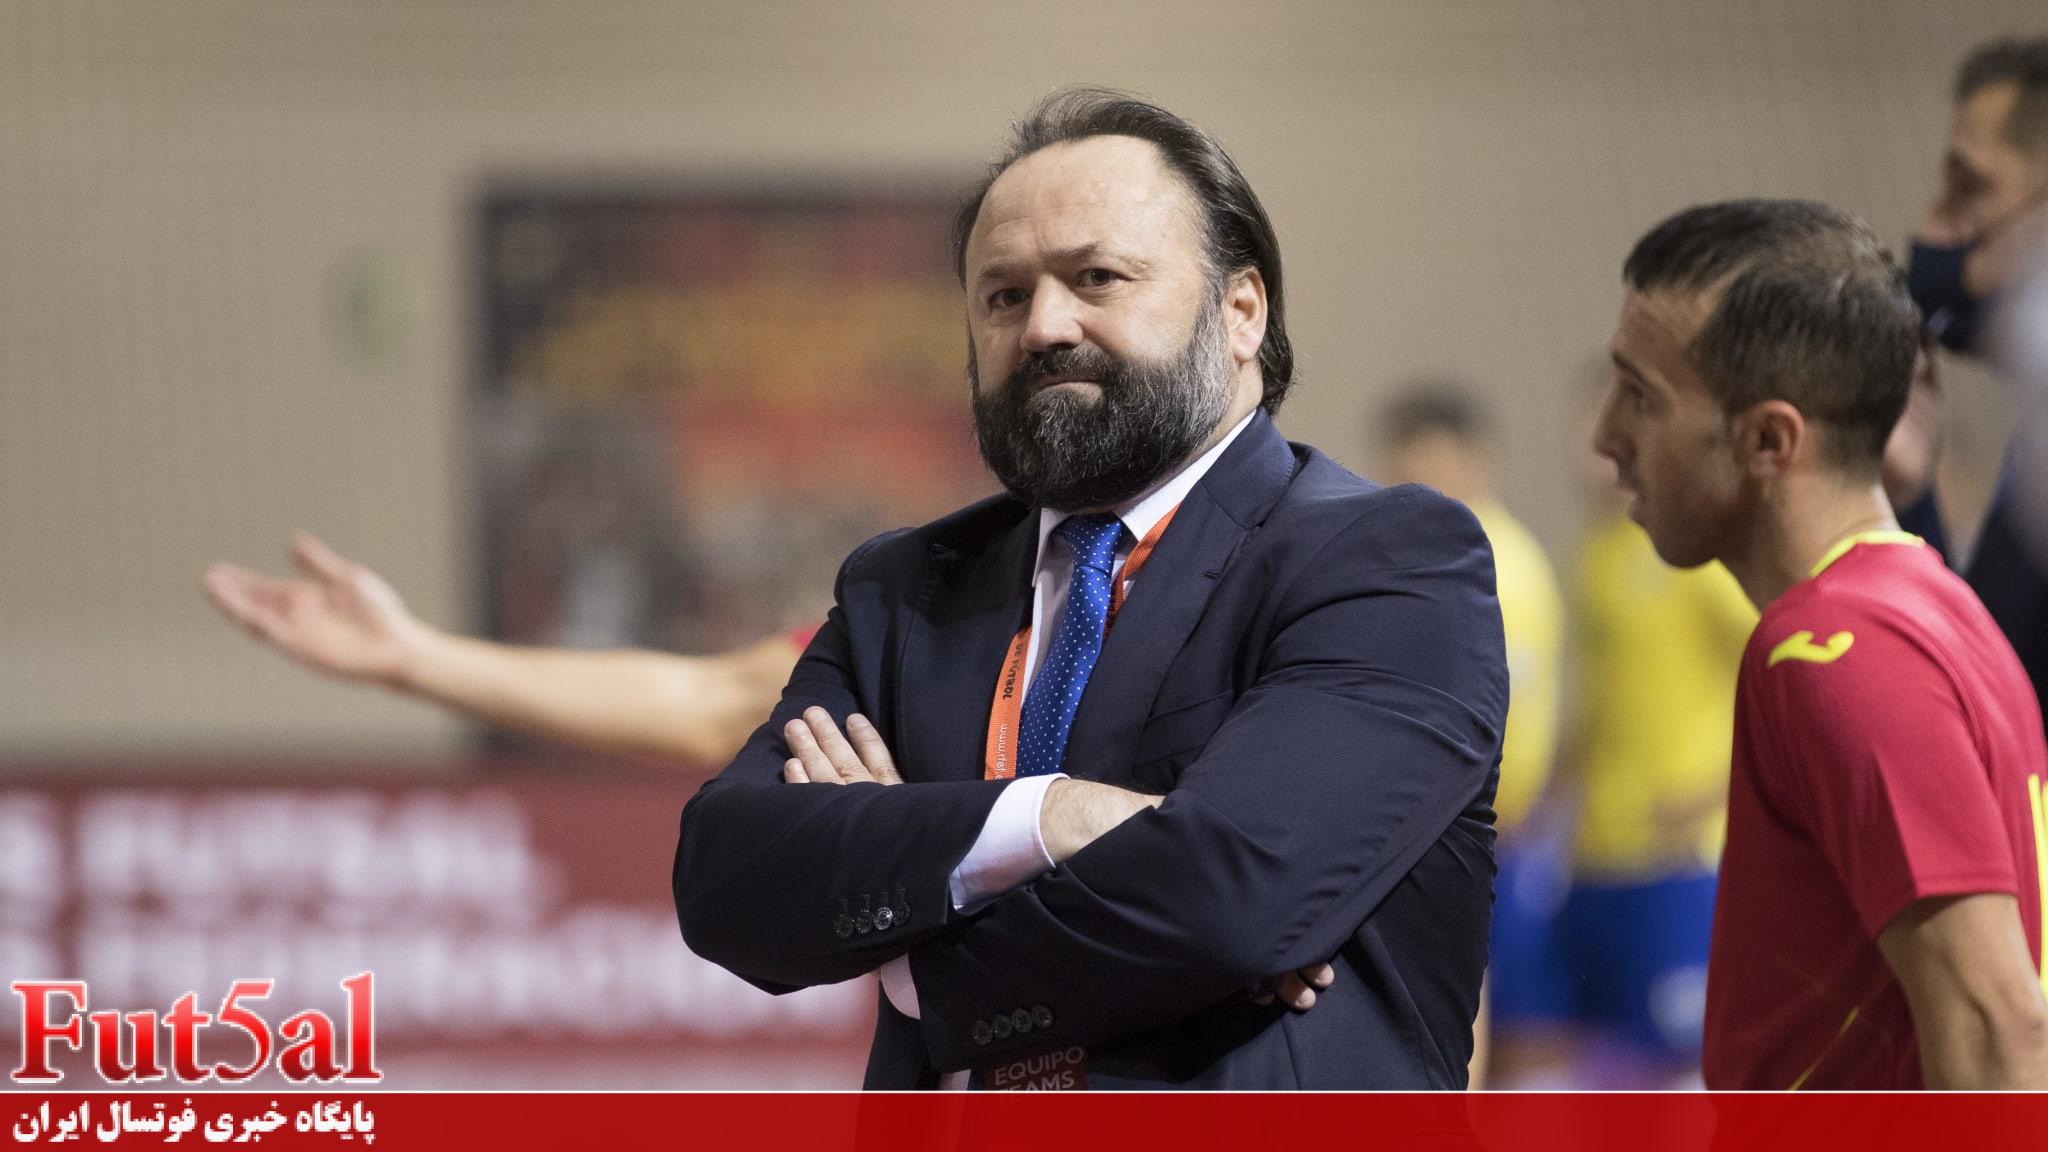 تمجید سرمربی تیم ملی فوتسال اسپانیا از تیم ایران